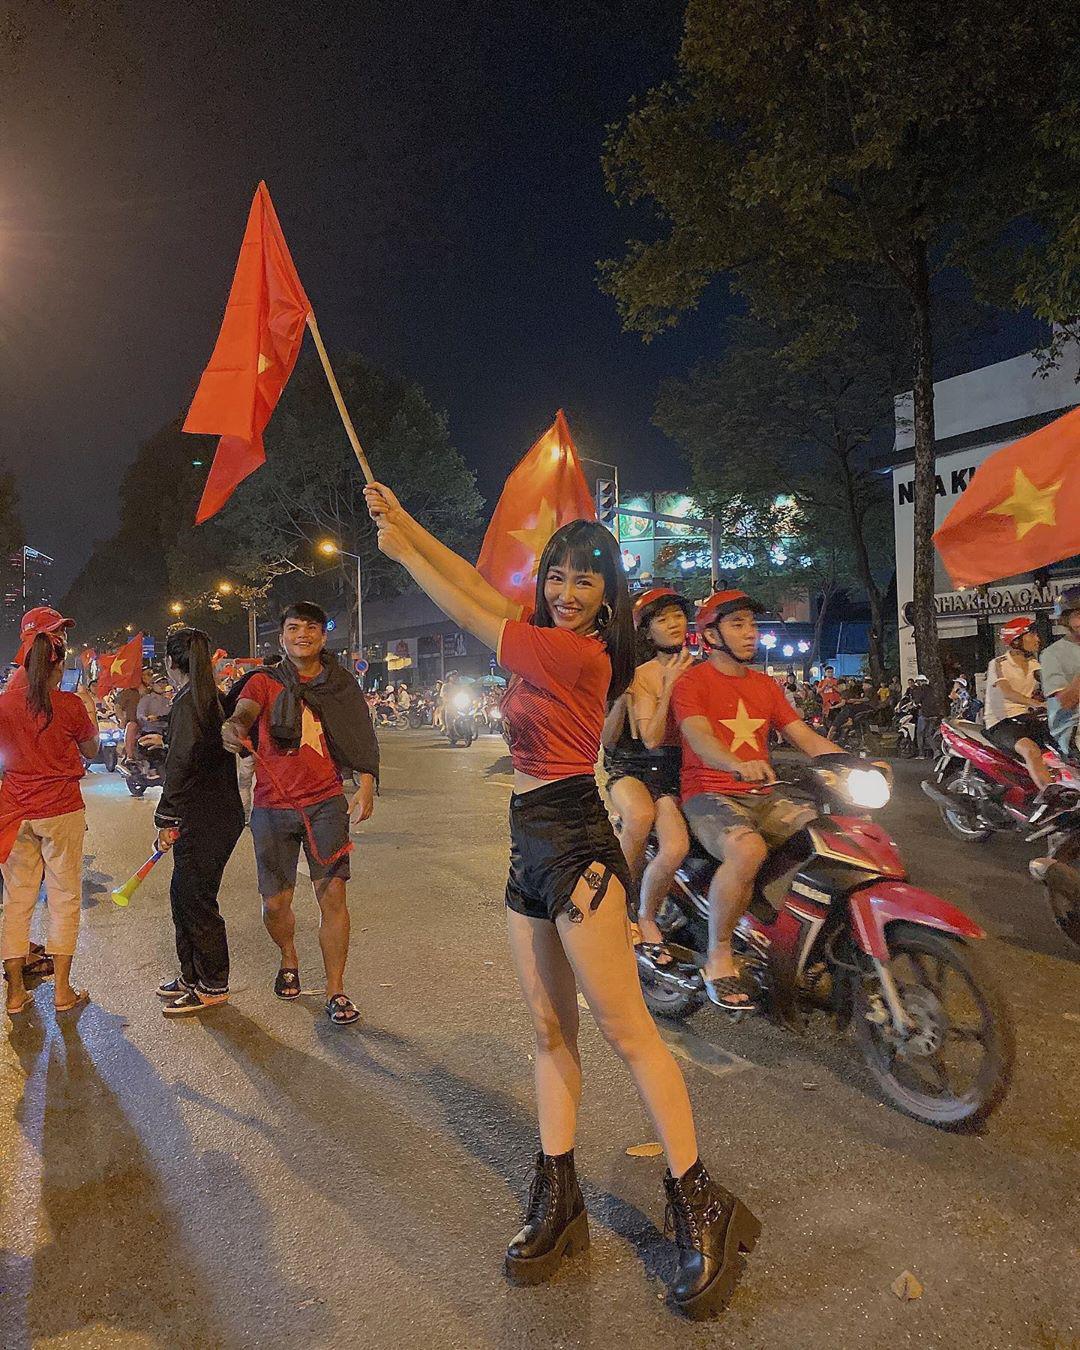 Cả dàn sao Việt nhuộm đỏ mạng xã hội khi cùng diện áo đỏ mừng chiến thắng của đội tuyển Việt Nam - Ảnh 4.